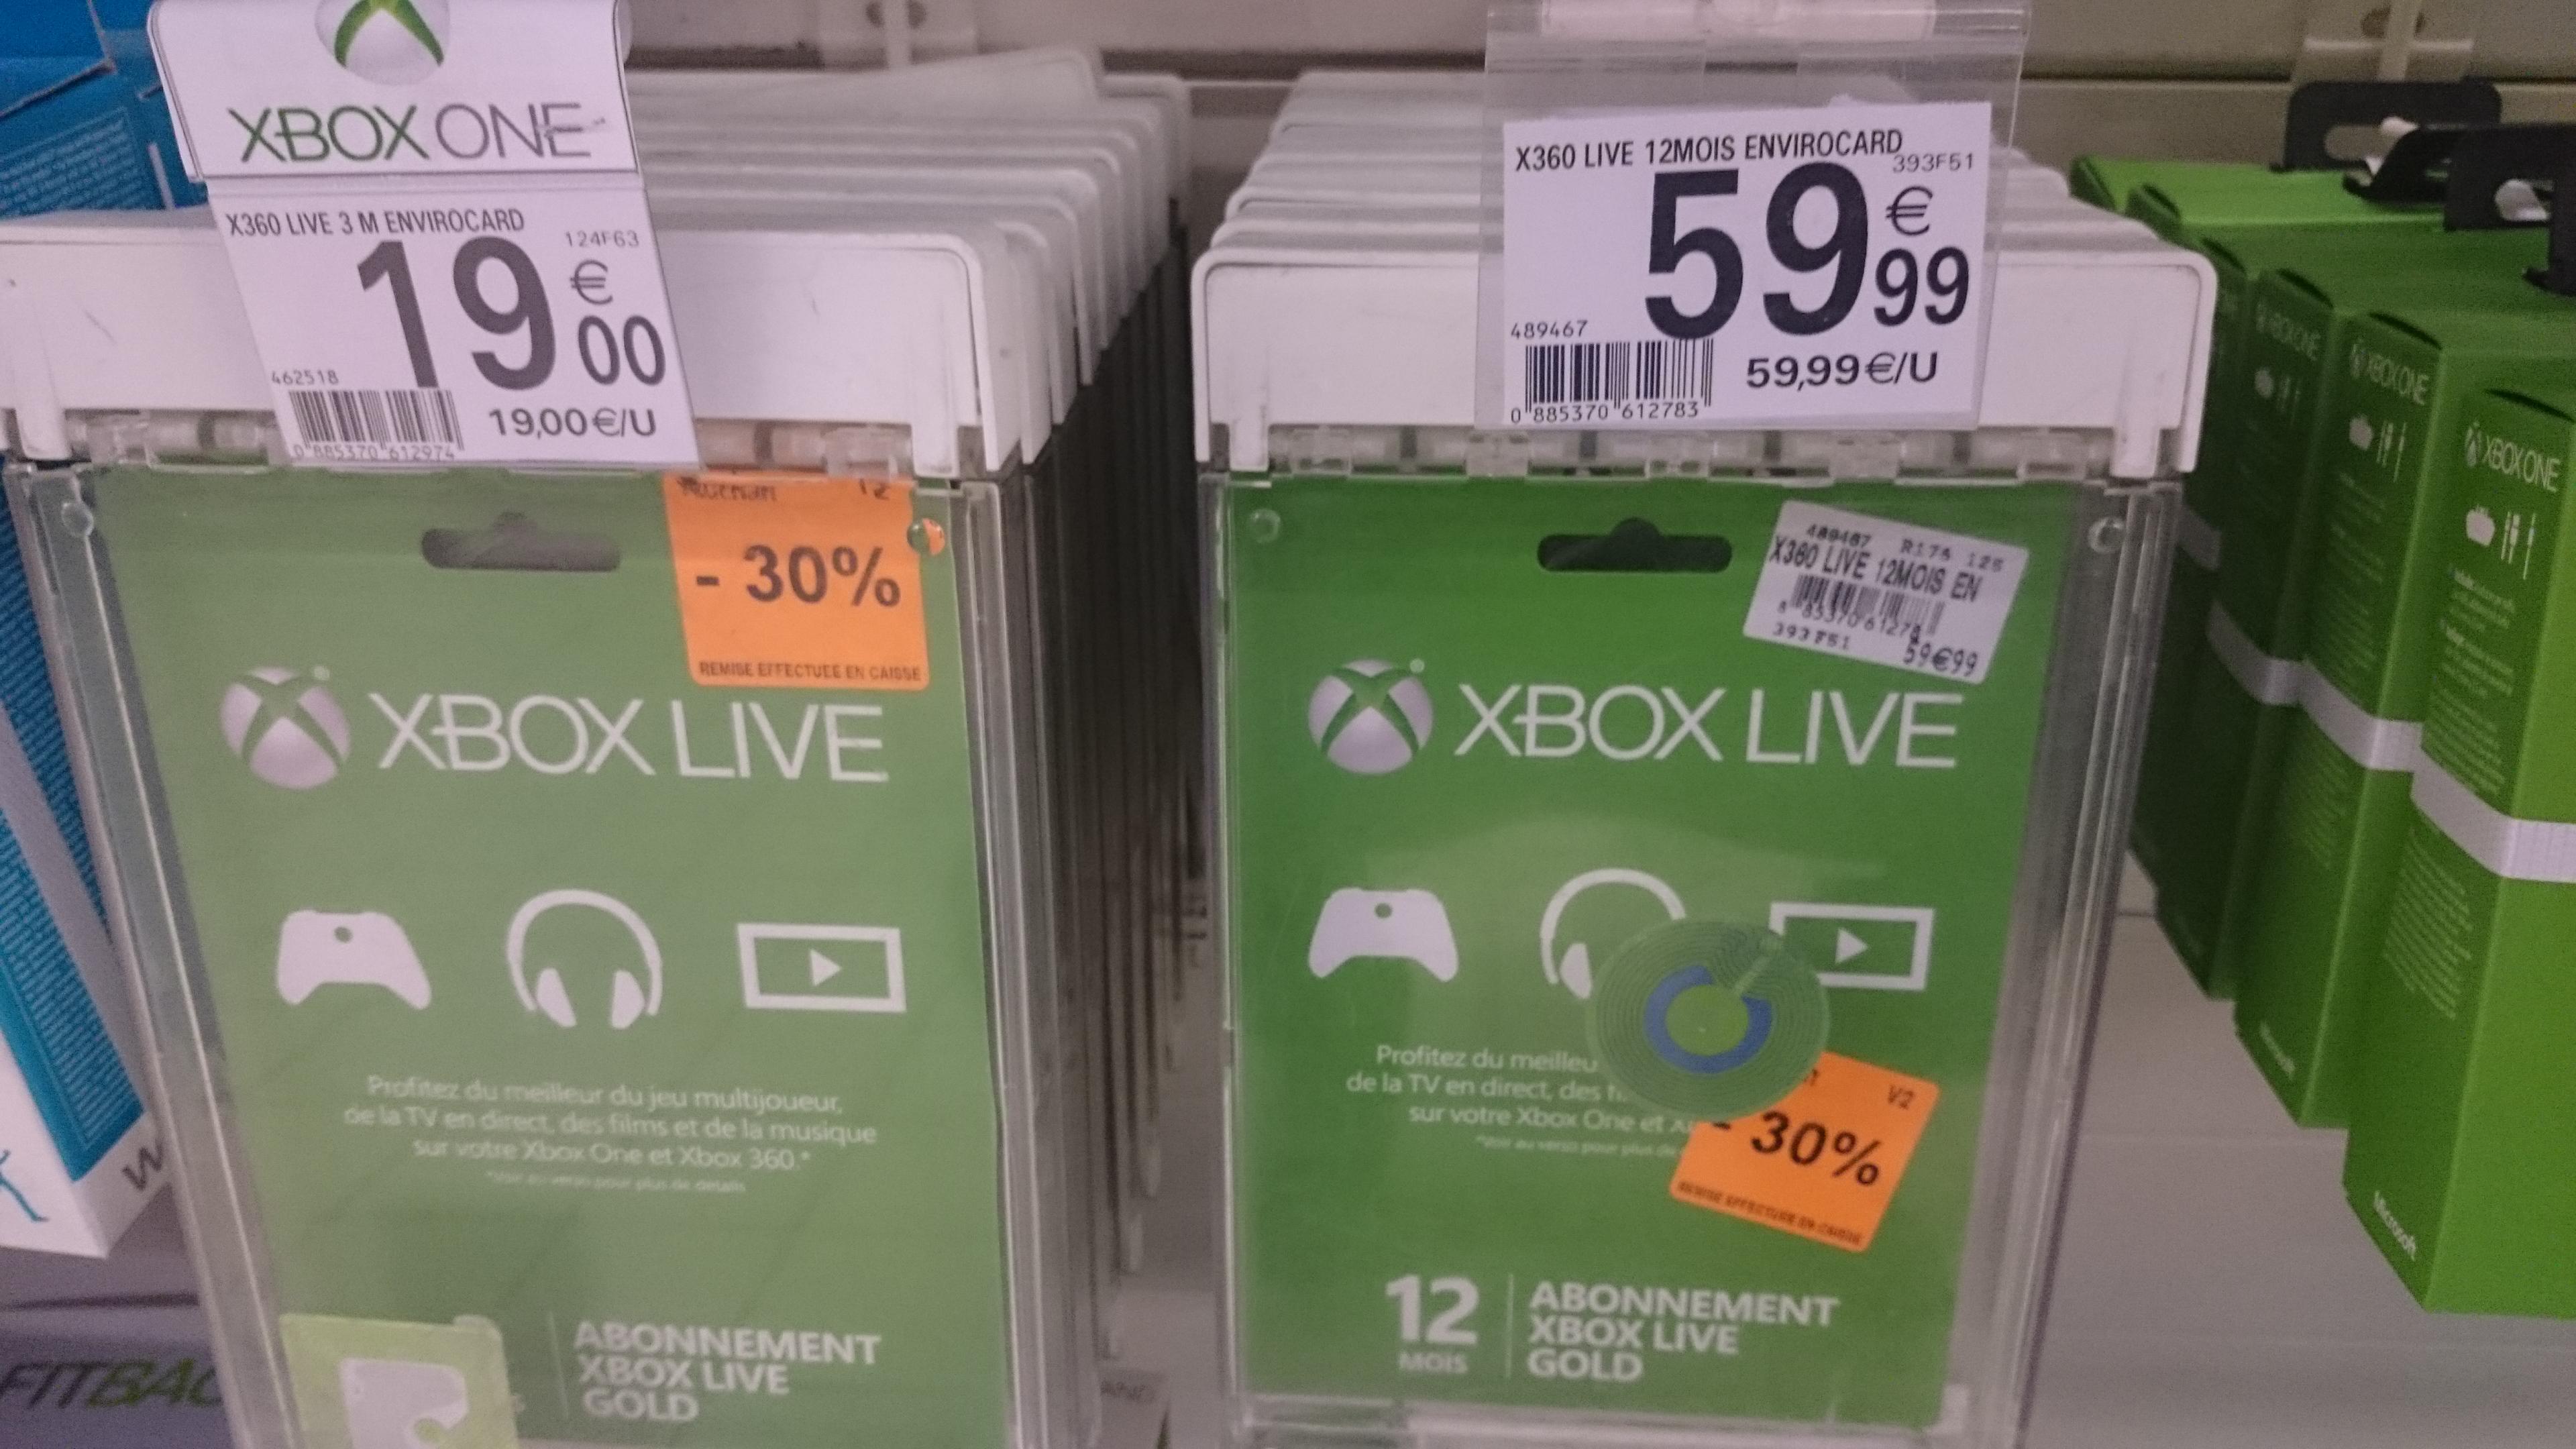 30% de réduction sur les abonnements Xbox live : 12 mois à 42€ et 3 mois